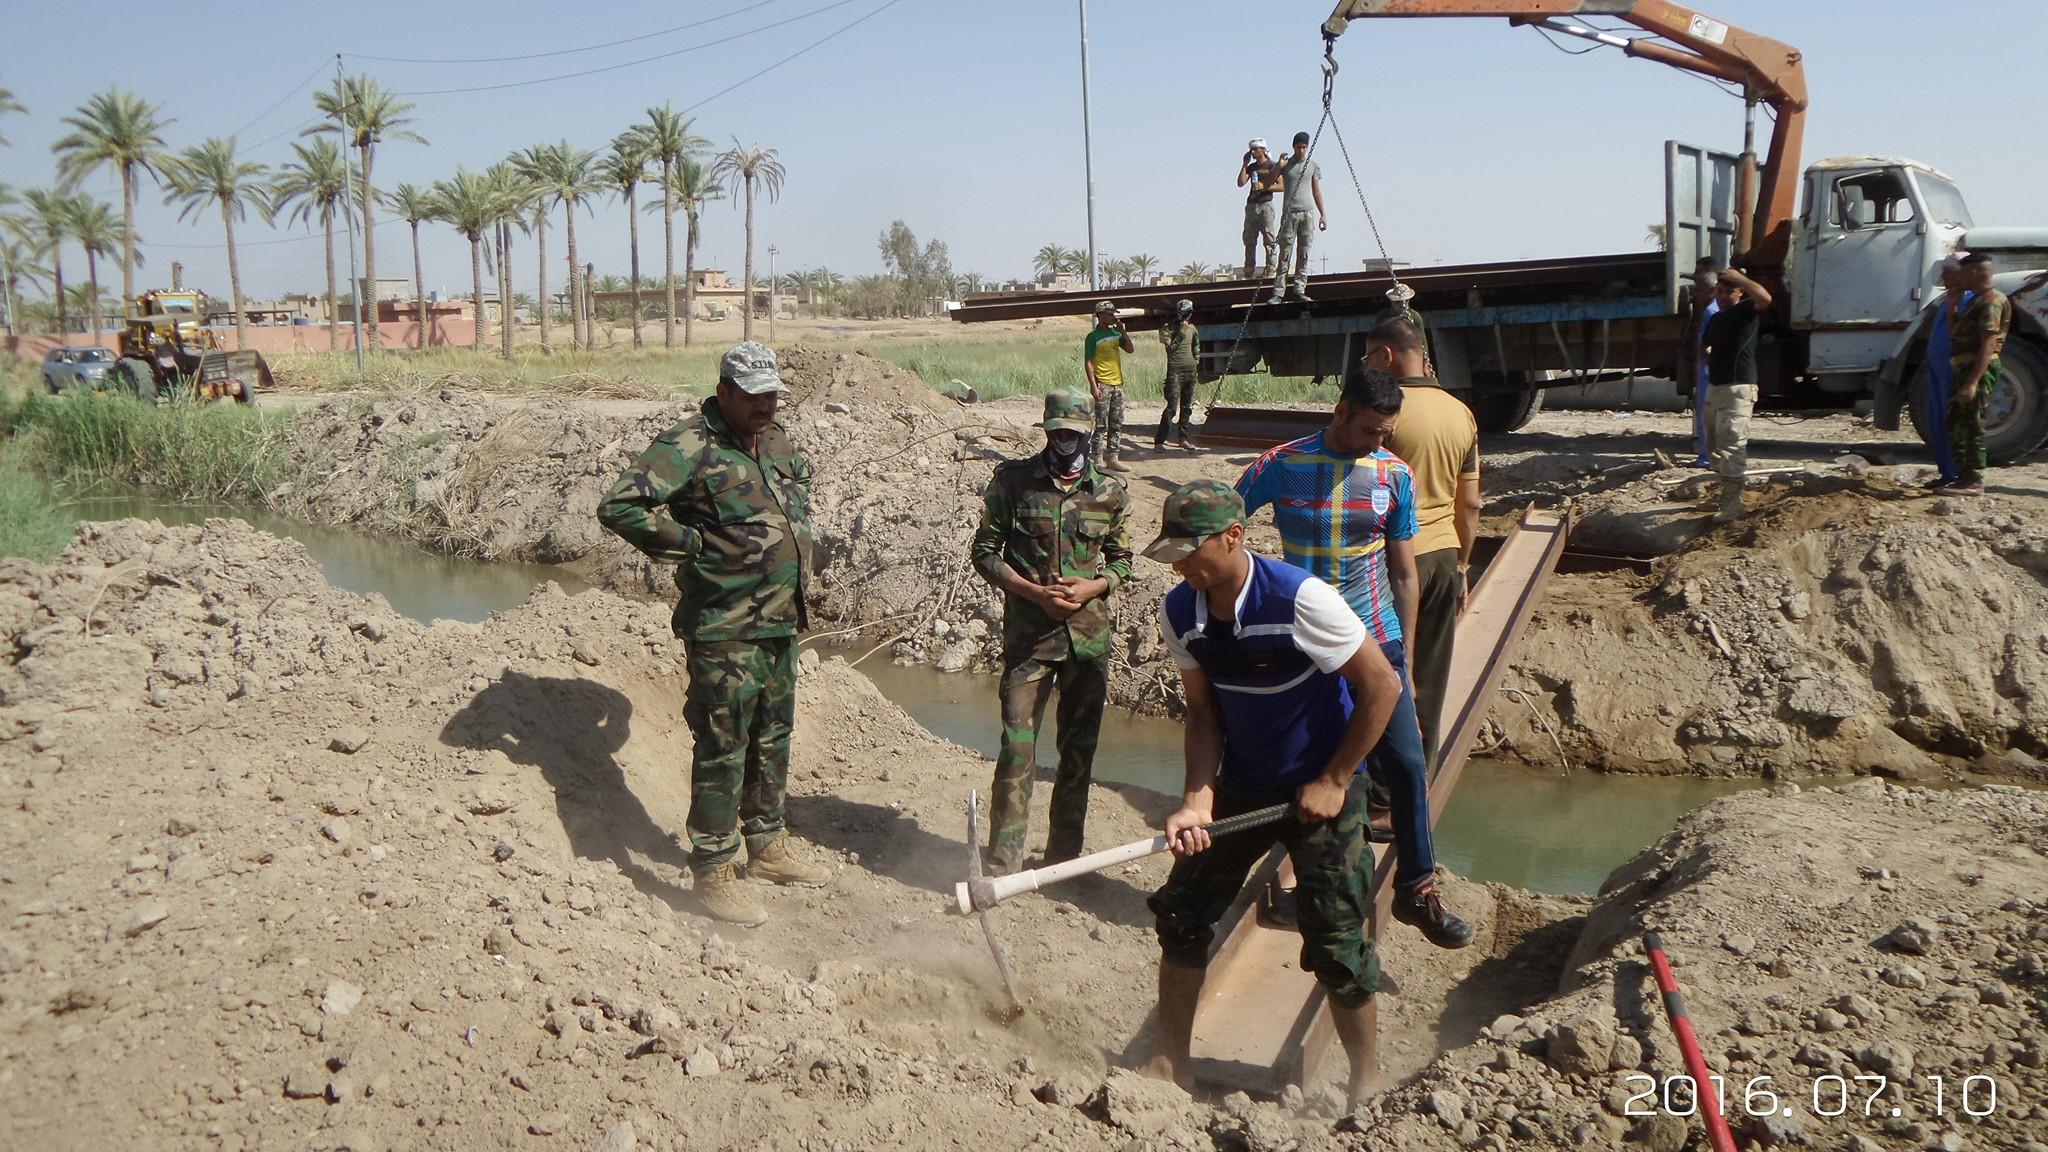 بالصور: مقاتلو عشائر الكرمة يقومون بنصب جسور صغيرة بالقضاء